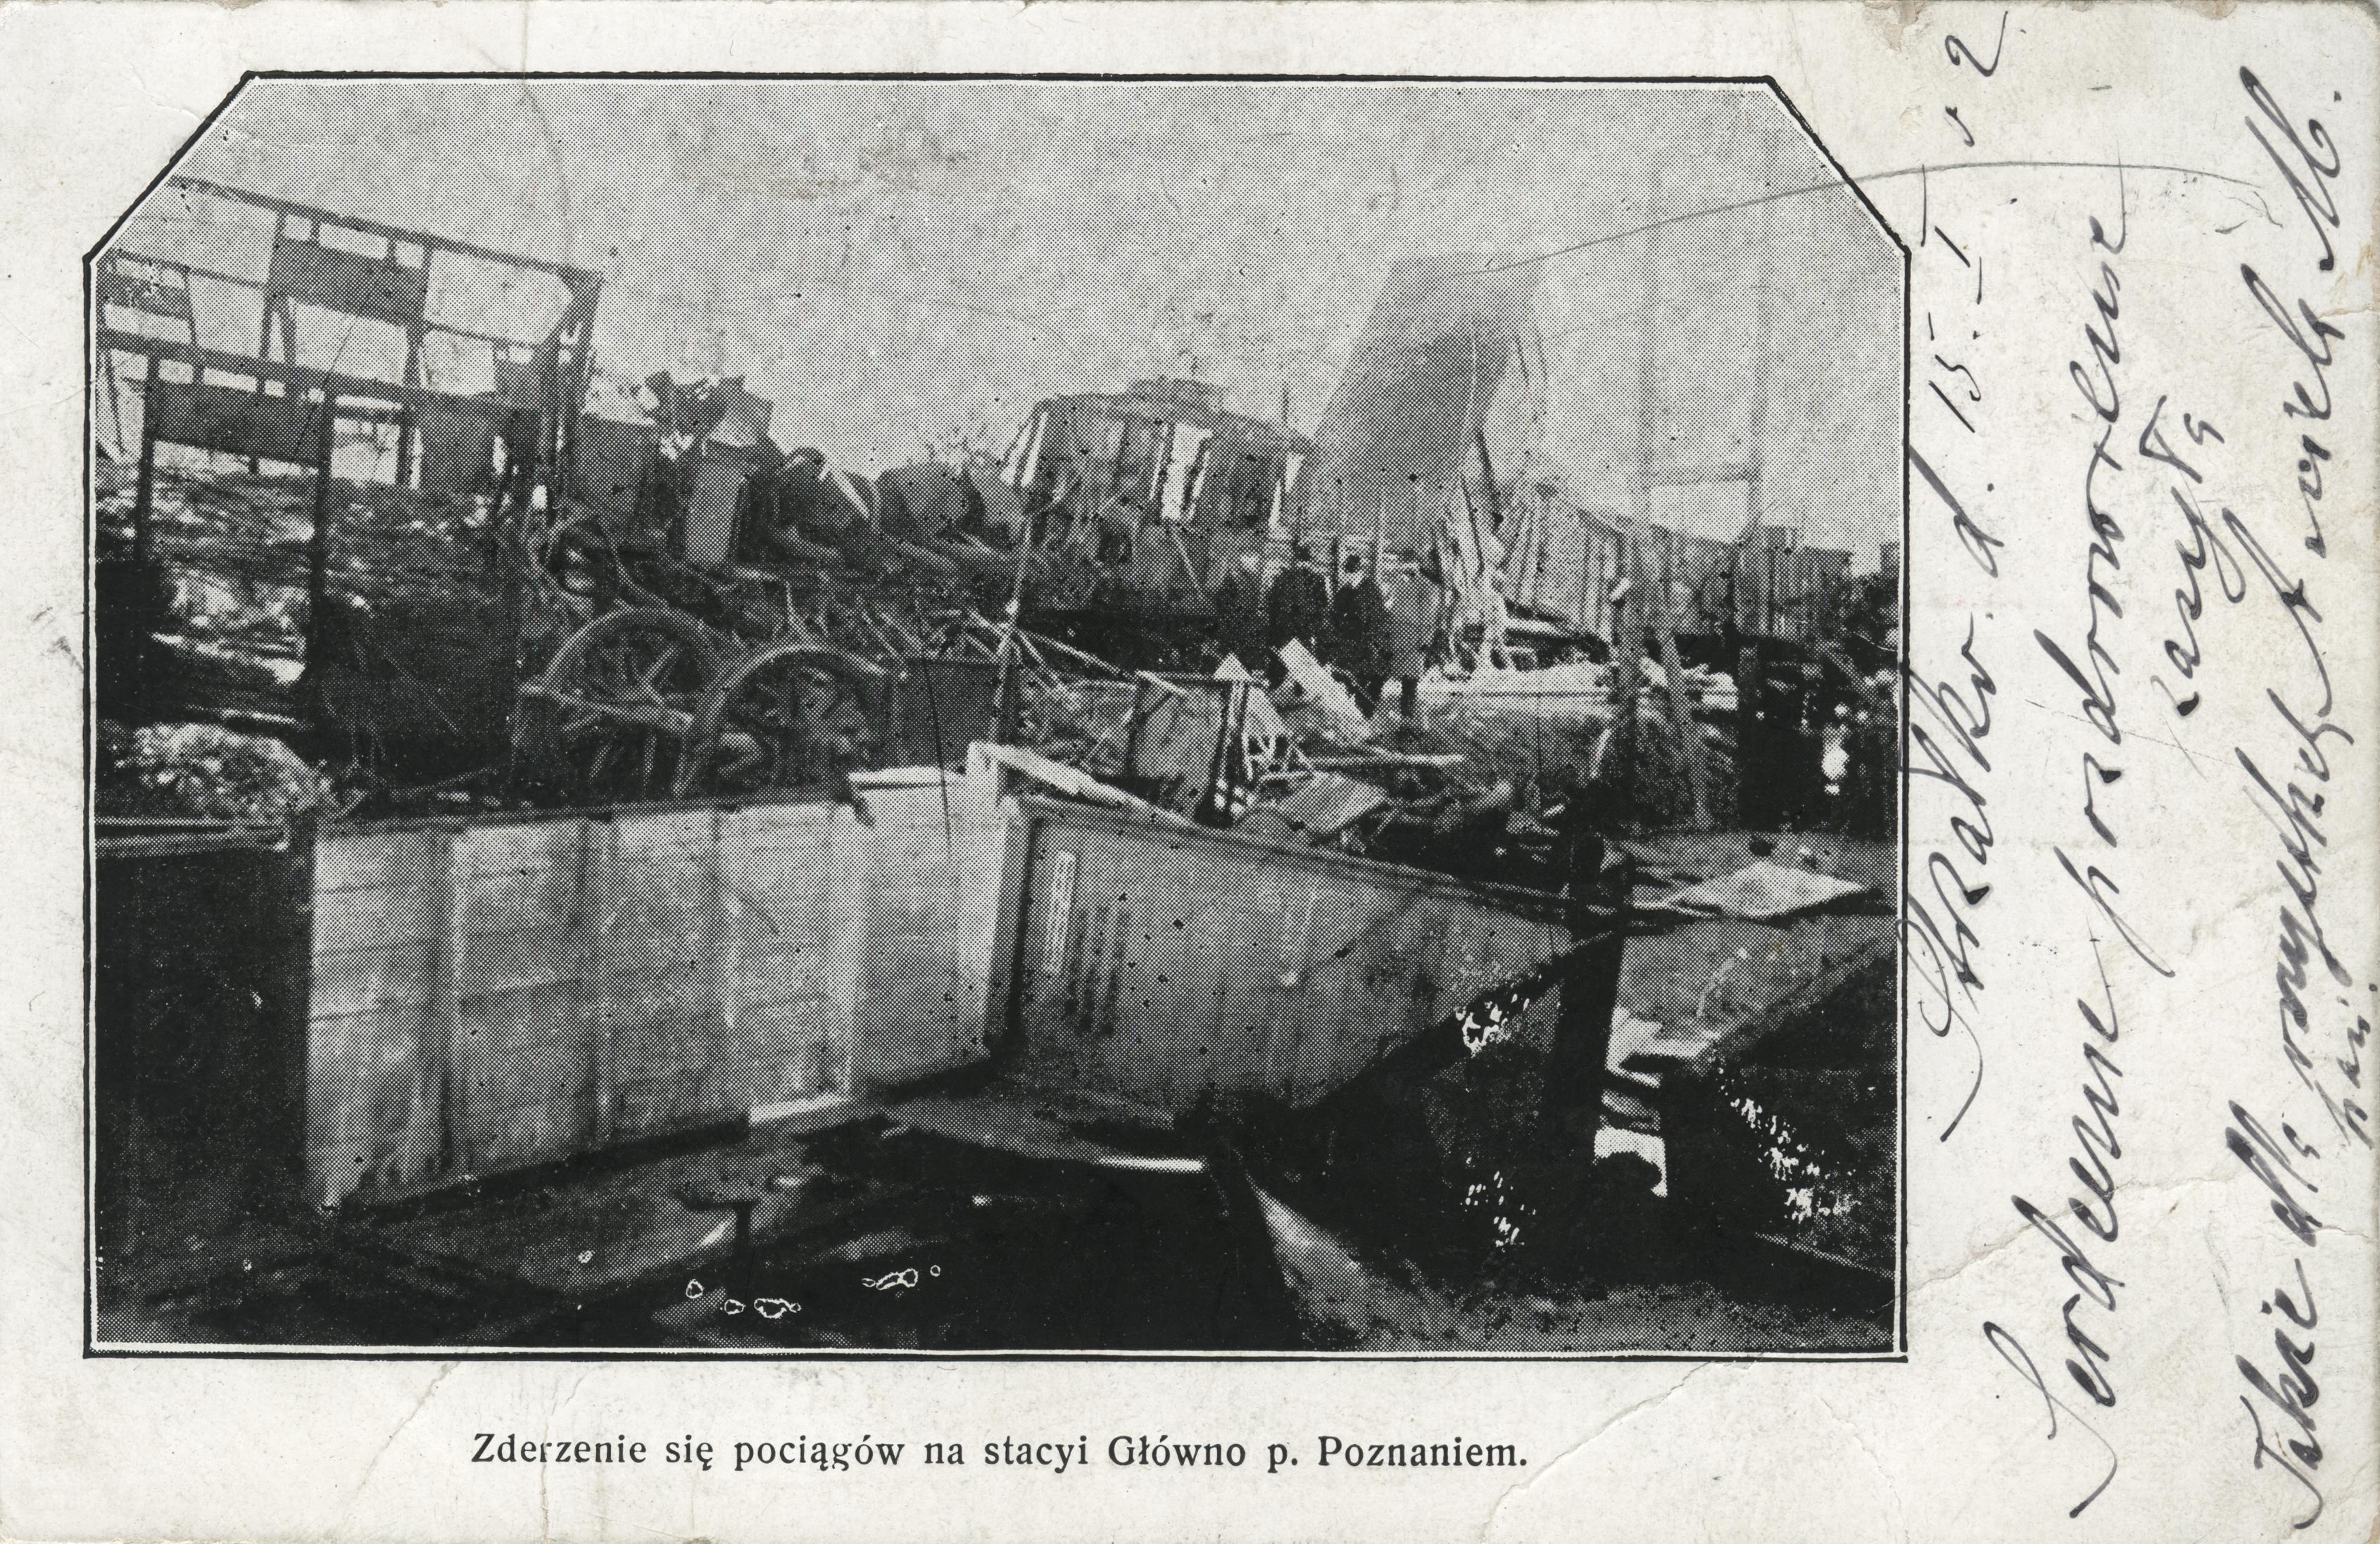 Zderzenie się pociągów na stacyi Główno p. Poznaniem